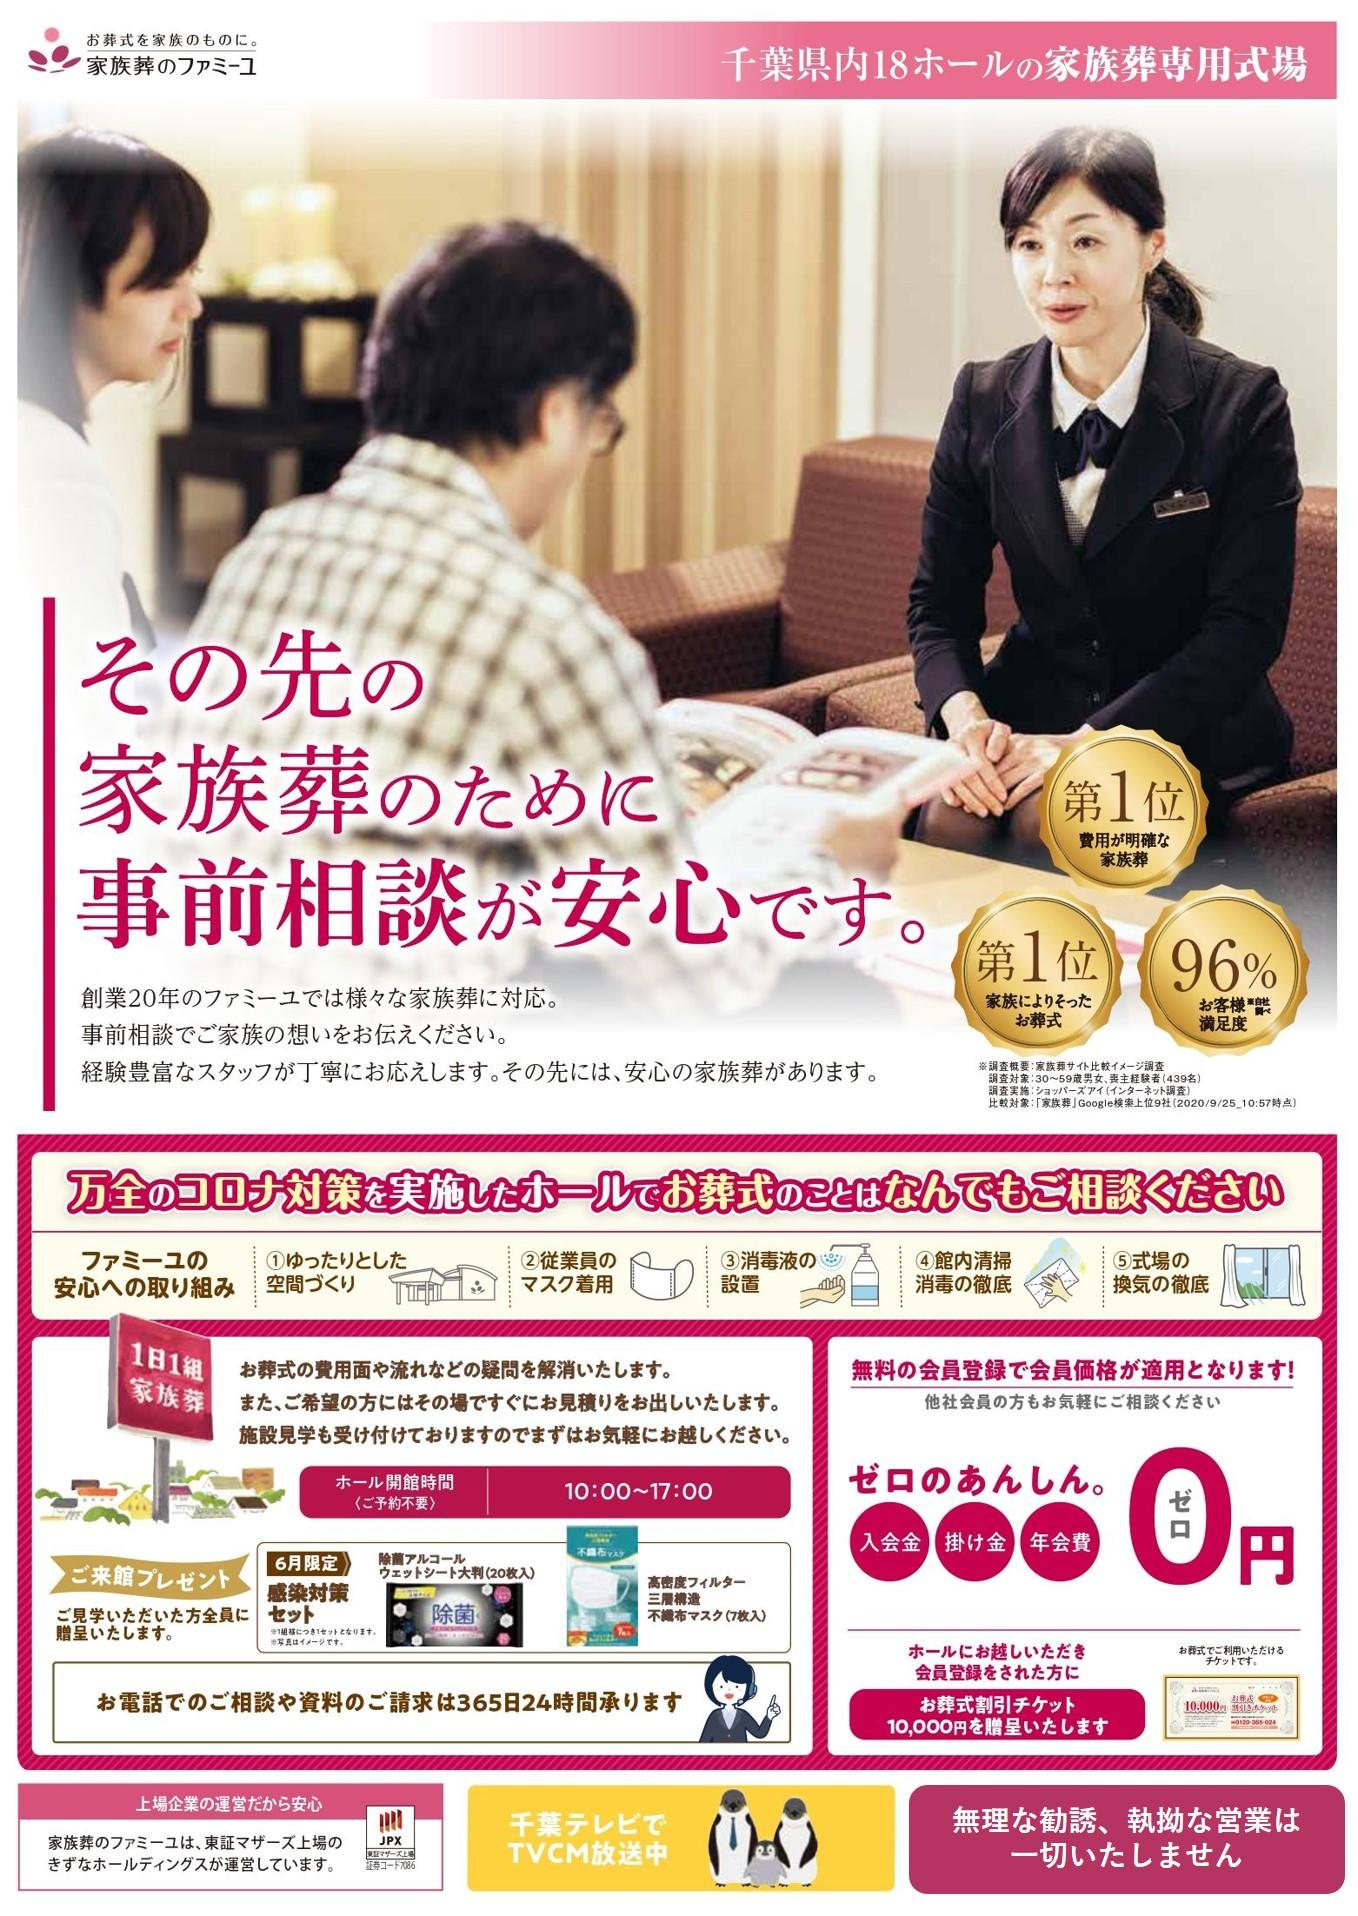 kashiwa_2106A.jpg